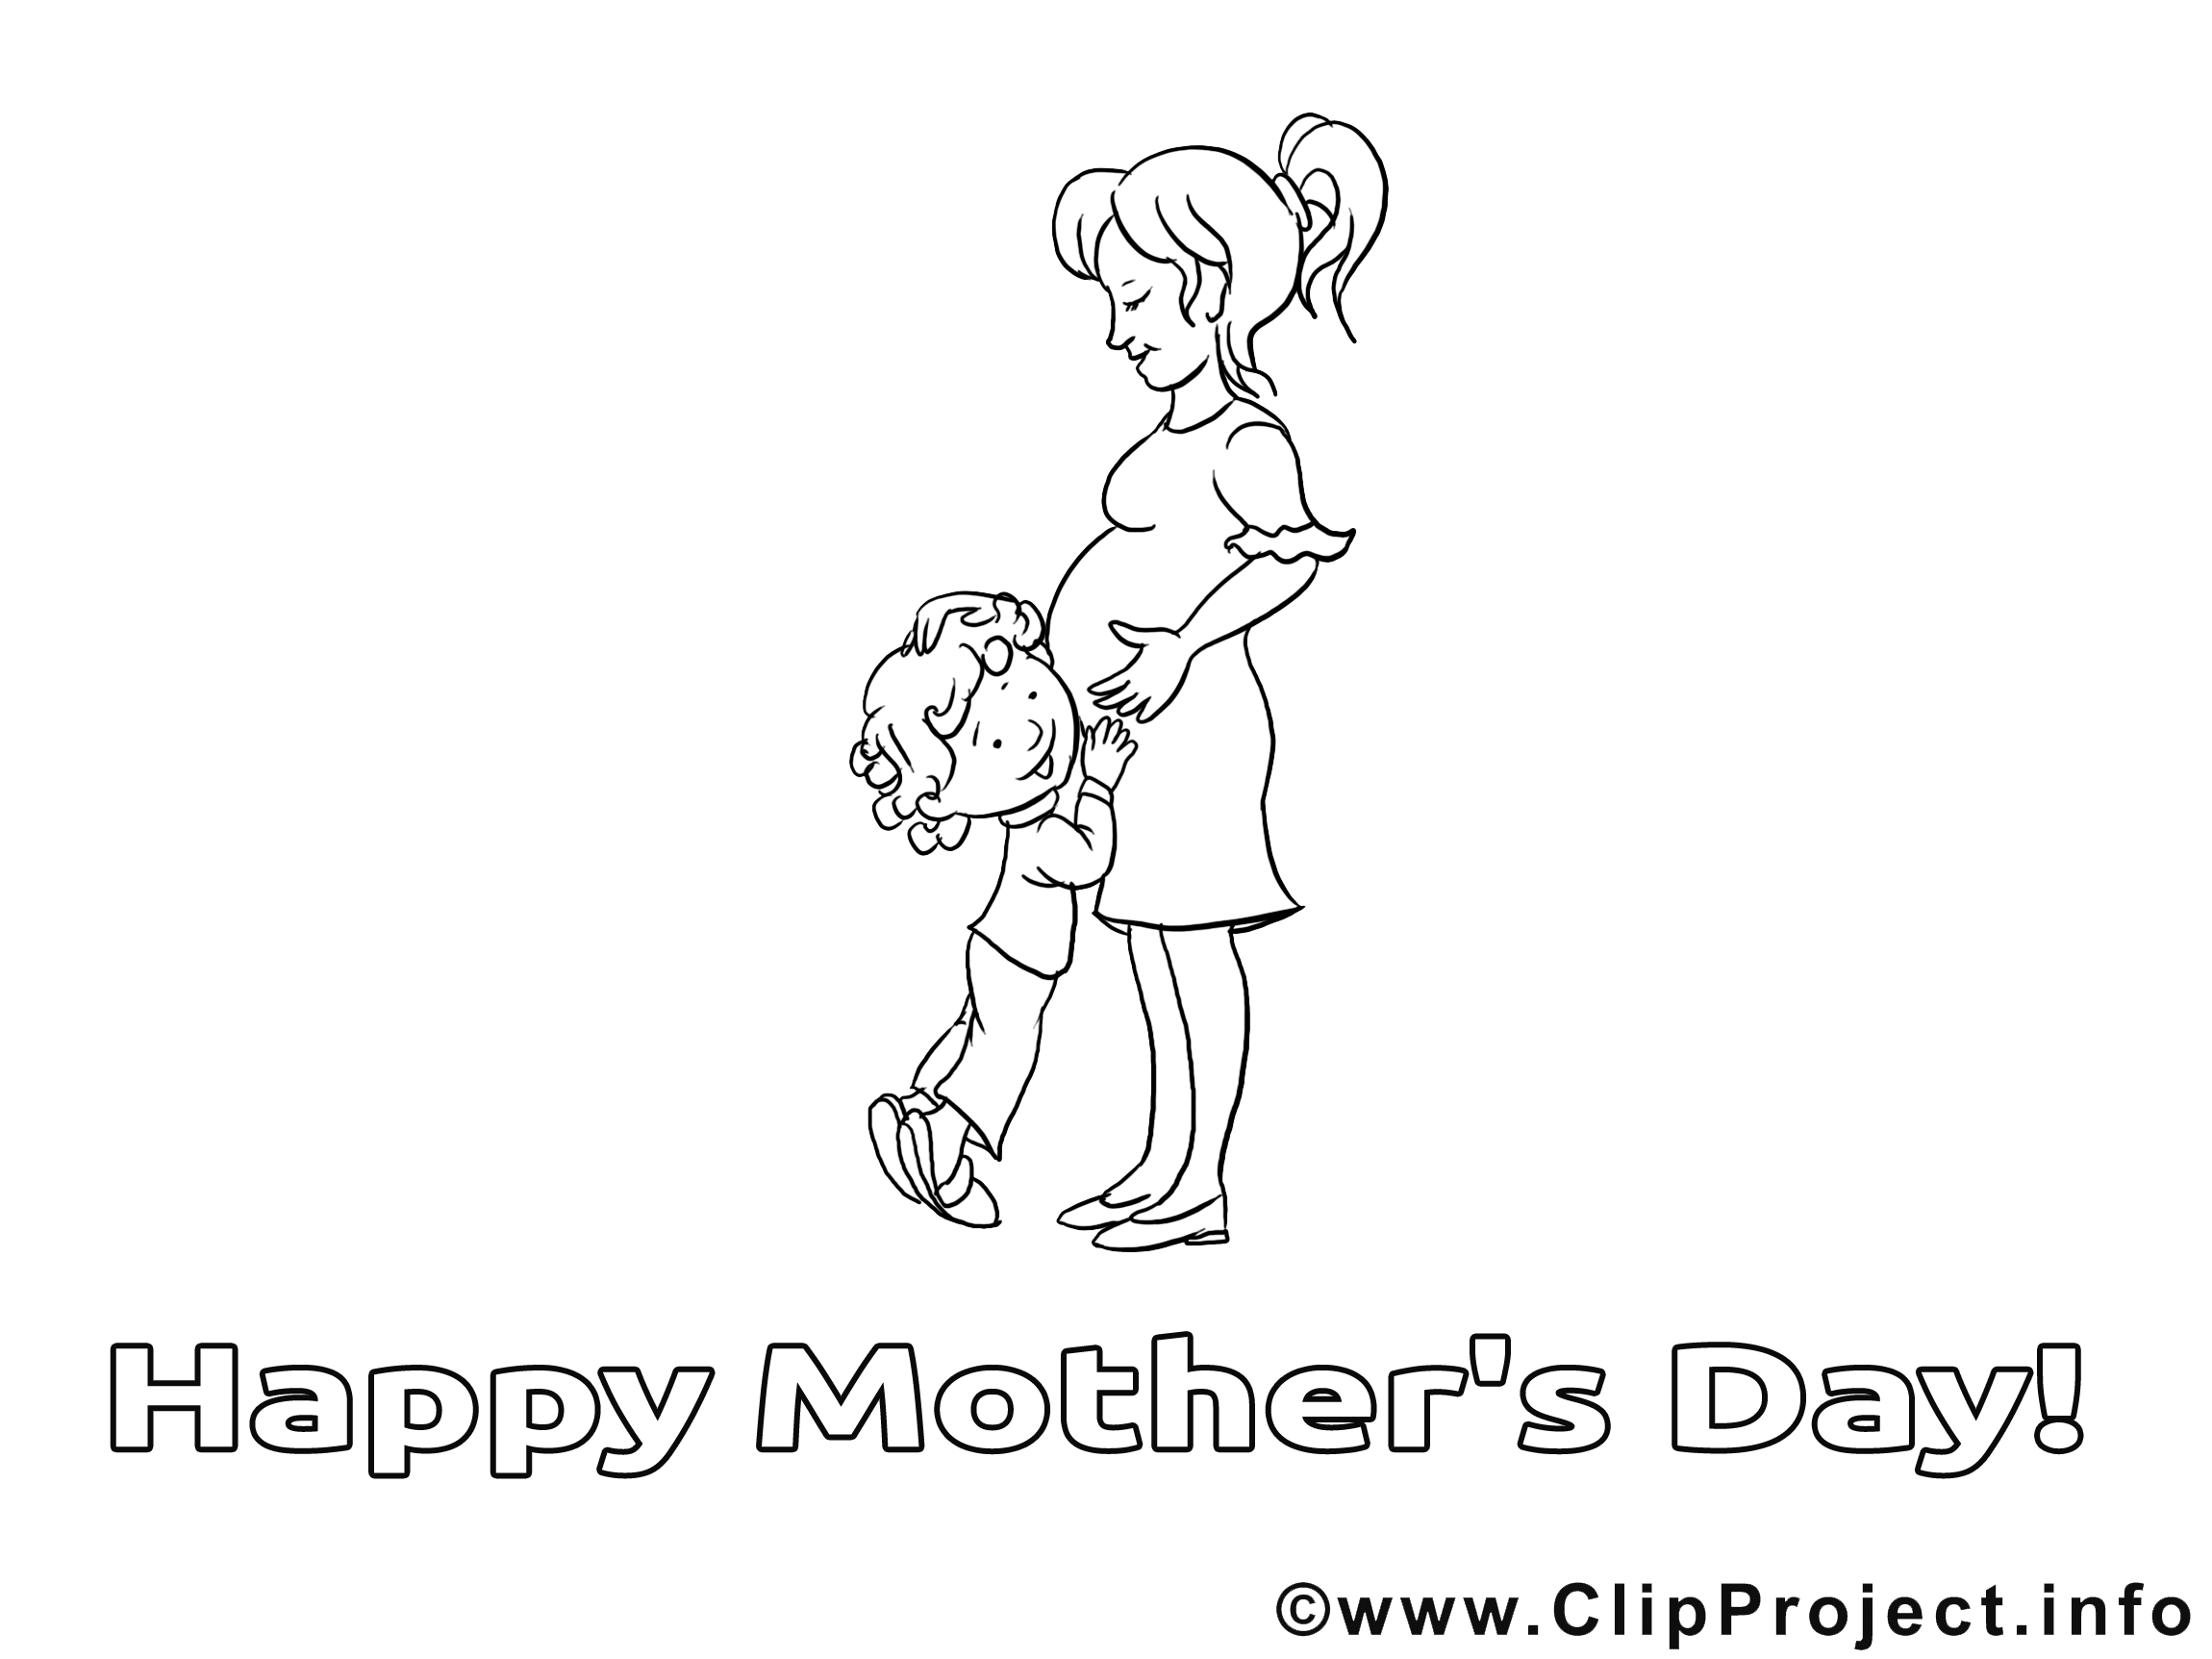 Enceinte image – Coloriage fête des mères illustration